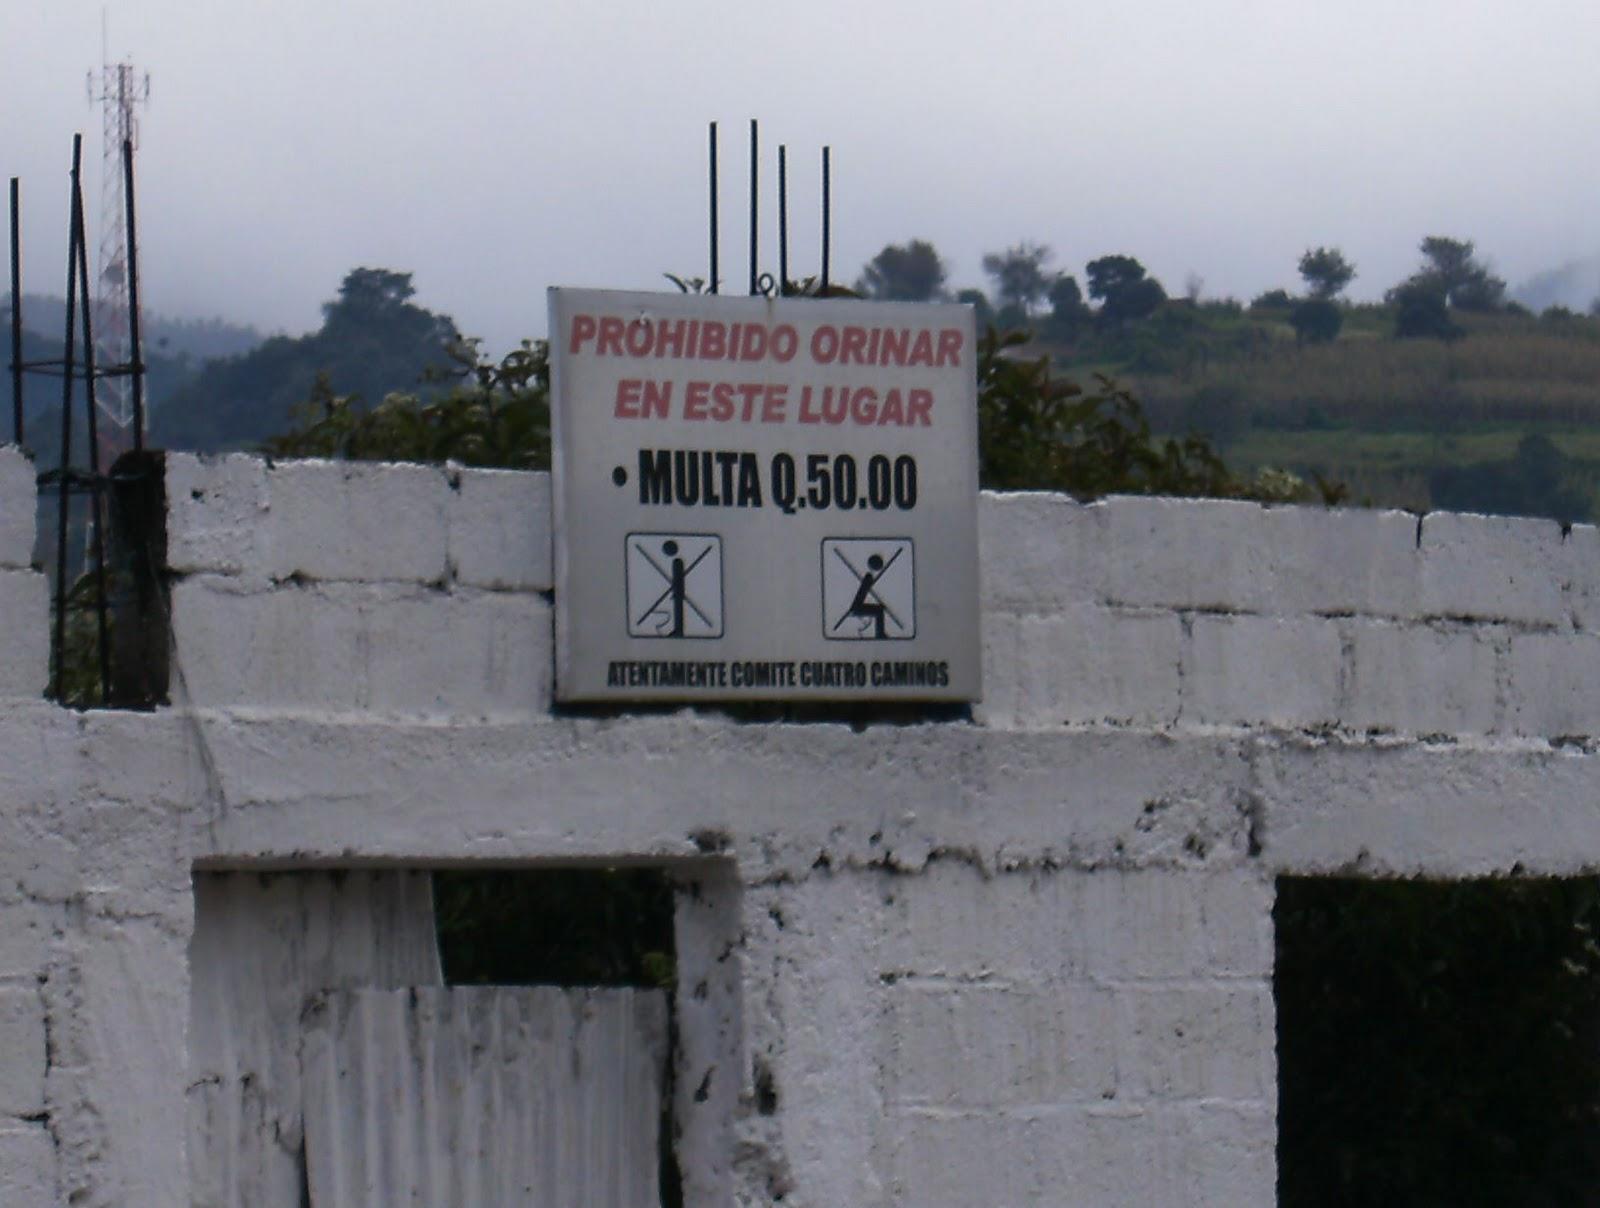 http://1.bp.blogspot.com/_LQyEPX4LXGk/TL9e1qUmWuI/AAAAAAAAAD0/FvQtPr8meuM/s1600/Guatemala+2010+254.jpg